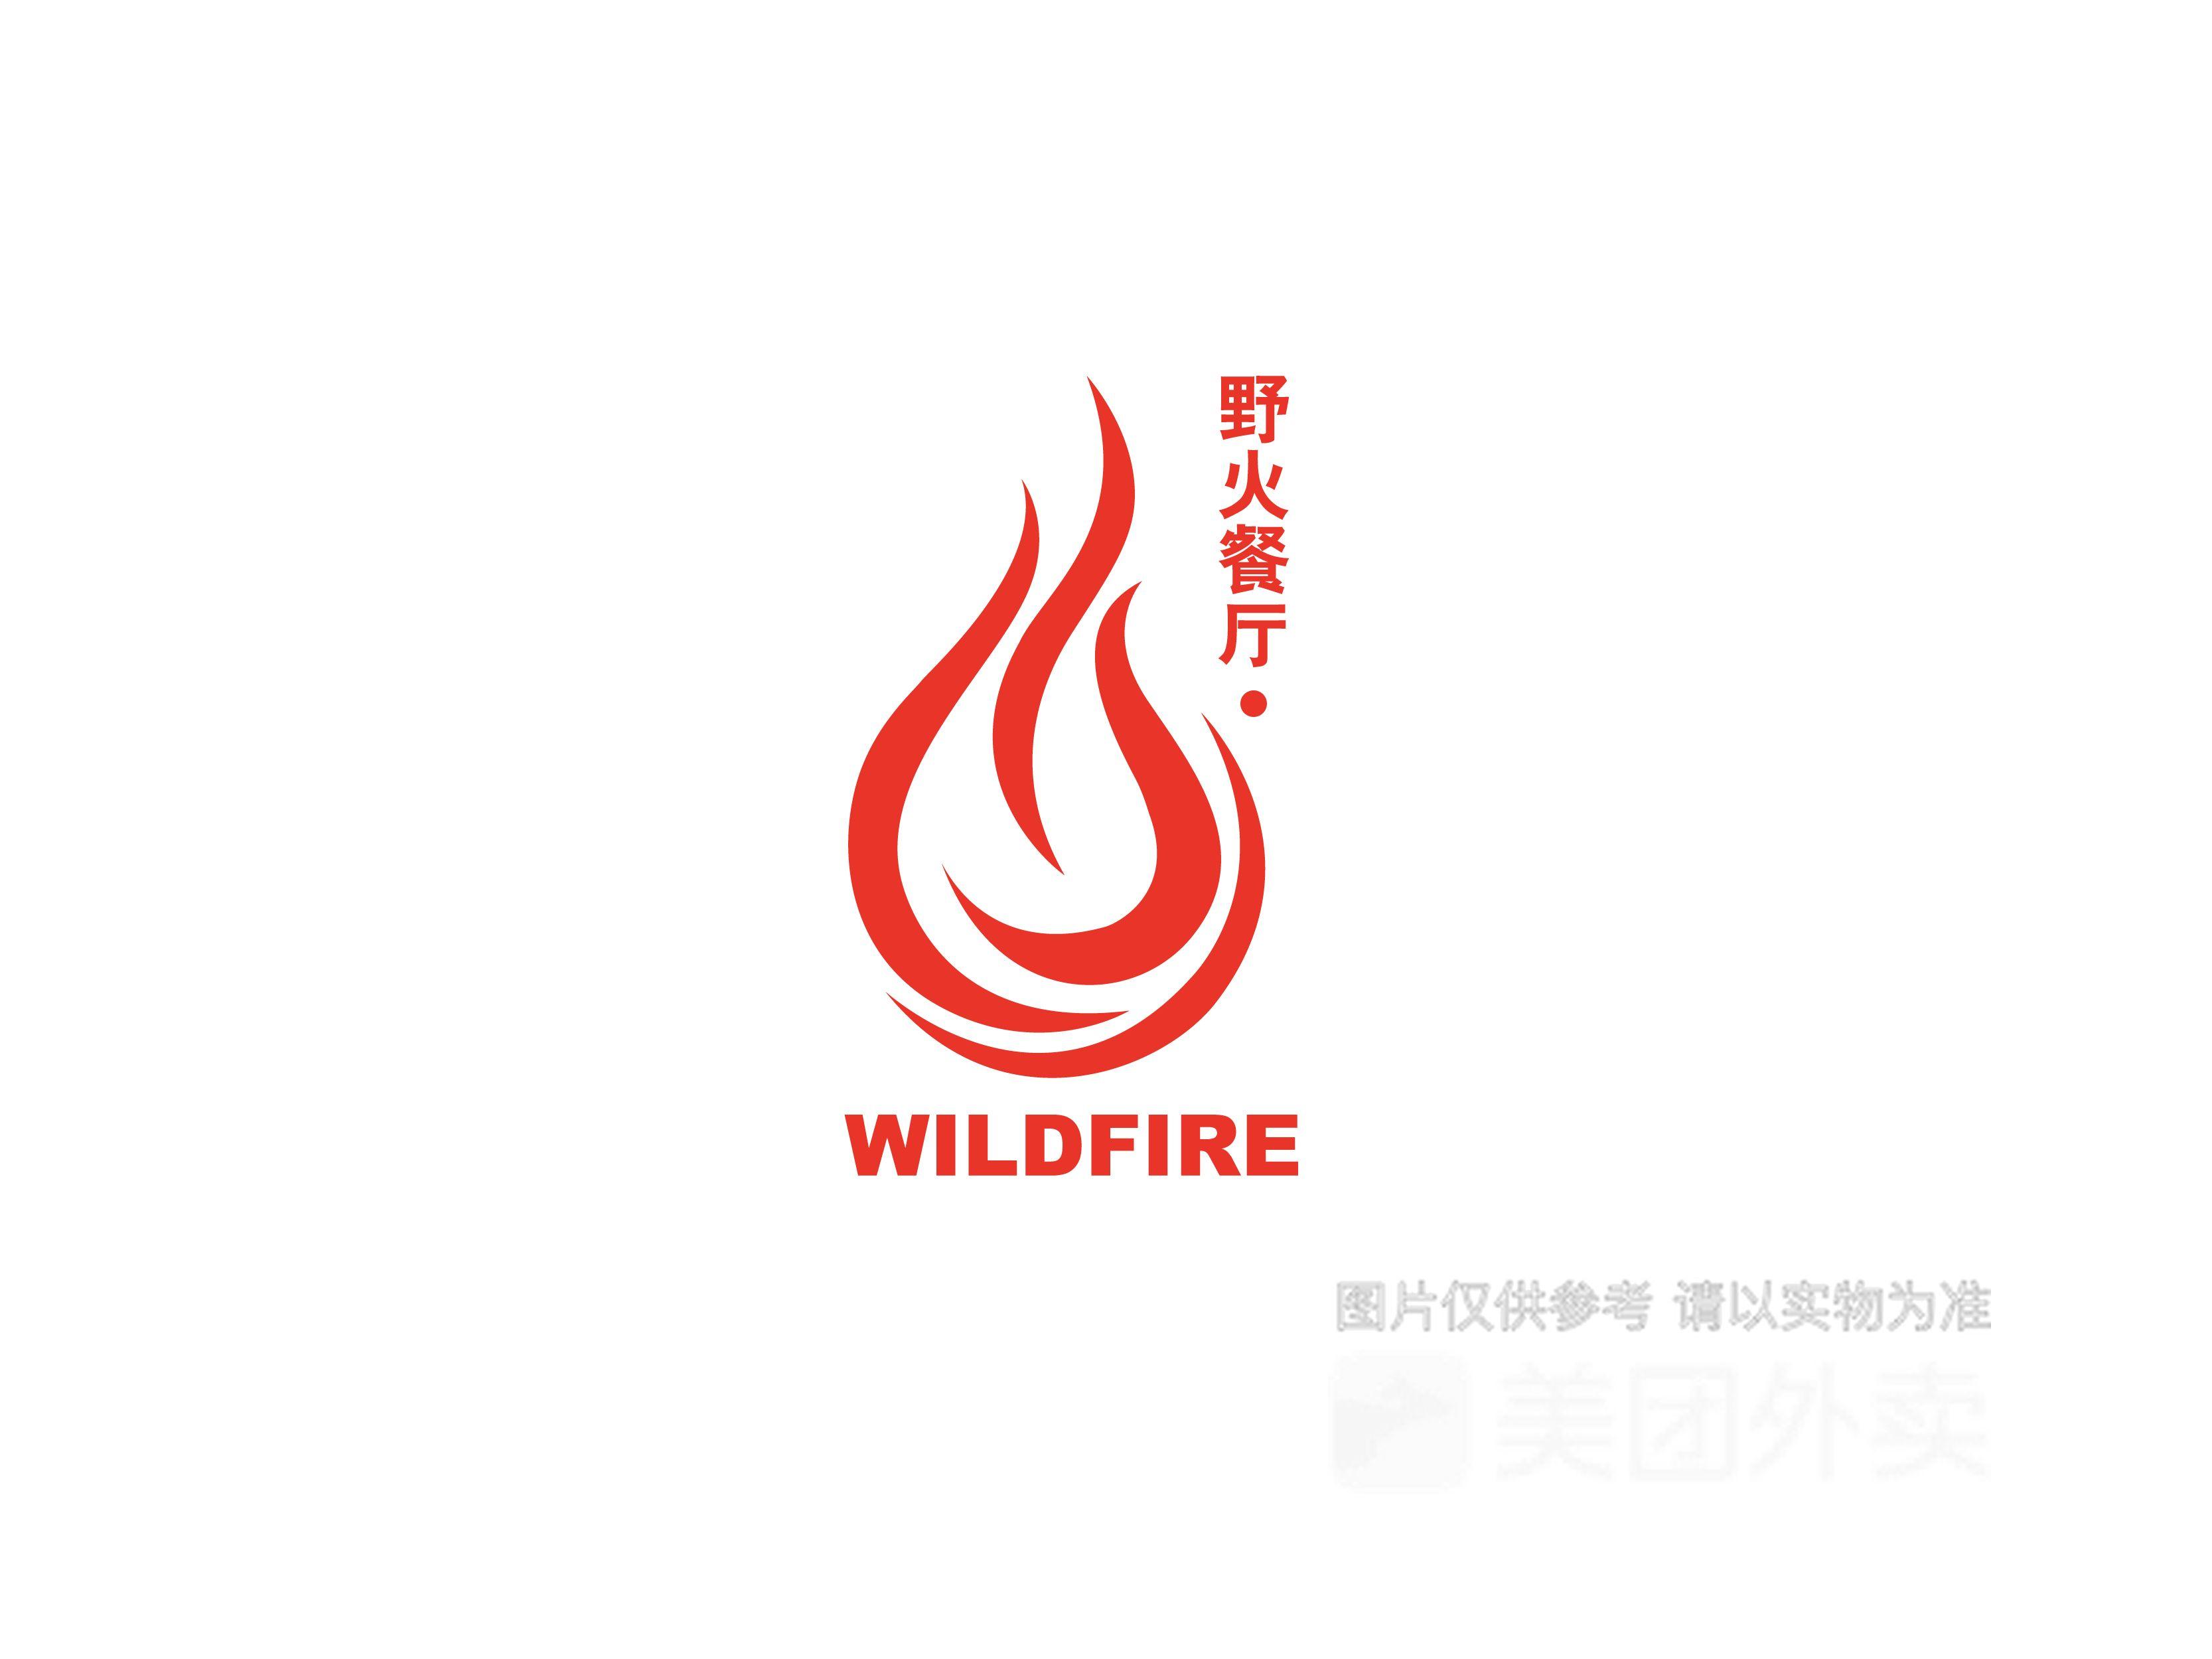 logo logo 标志 设计 矢量 矢量图 素材 图标 3333_2499